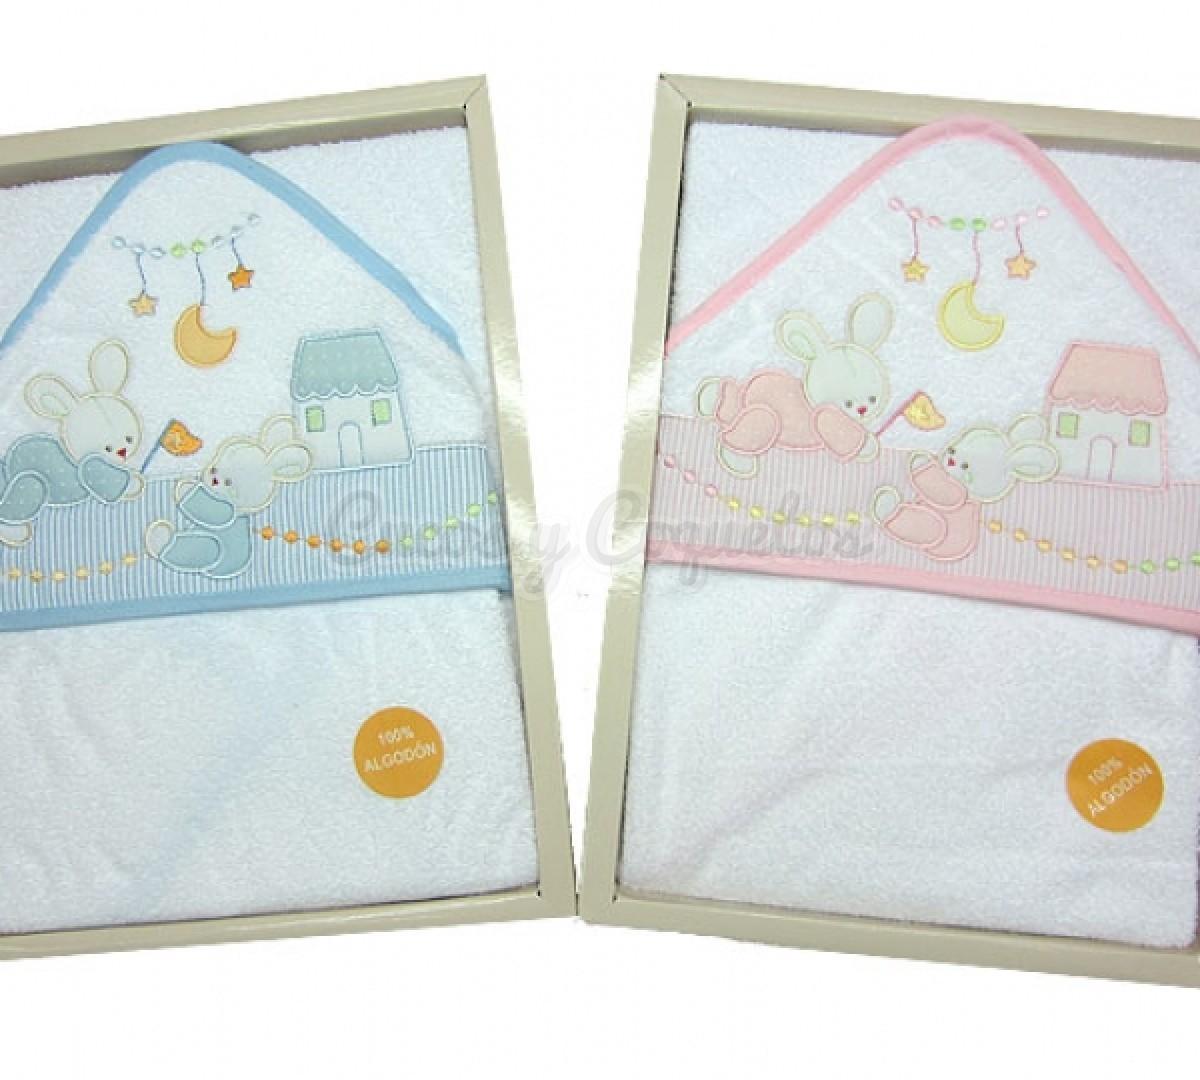 Capa ba o beb pastello regalos para beb s canastillas - Capa bano bebe ...